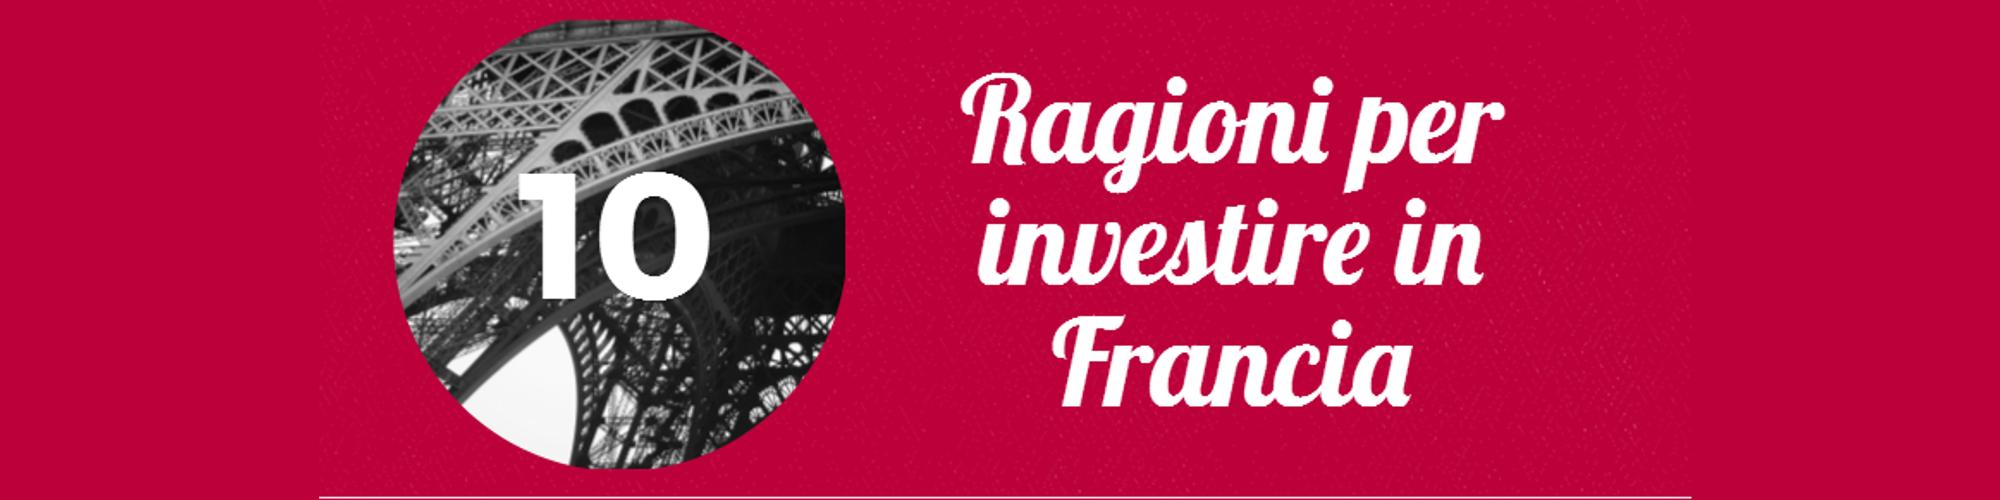 10 ragioni per investire en Francia